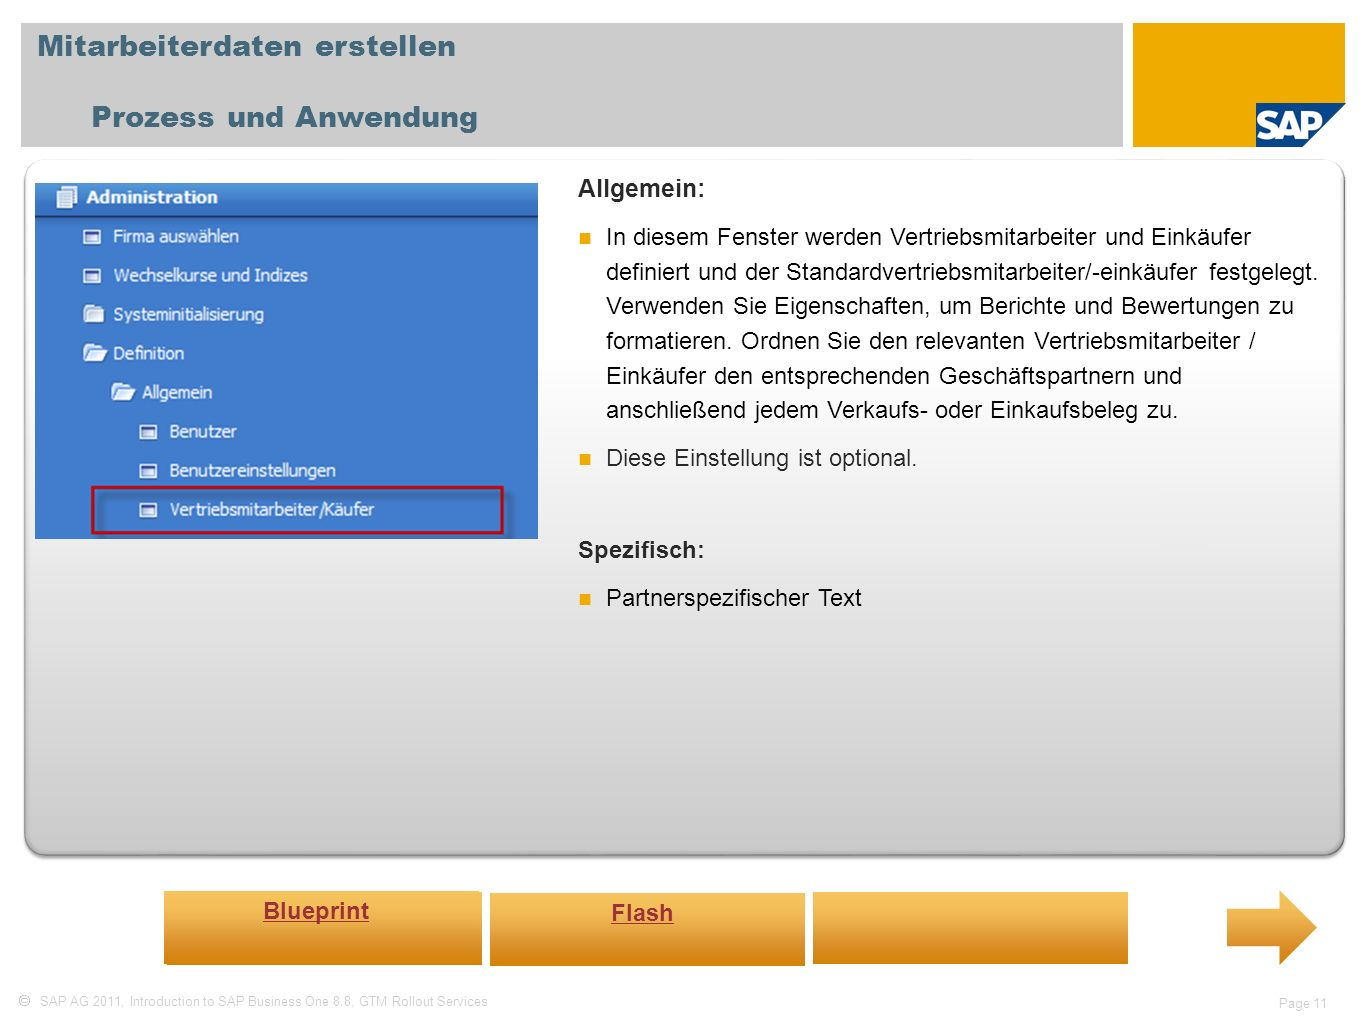 SAP AG 2011, Introduction to SAP Business One 8.8, GTM Rollout Services Page 11 Mitarbeiterdaten erstellen Prozess und Anwendung Allgemein: In diesem